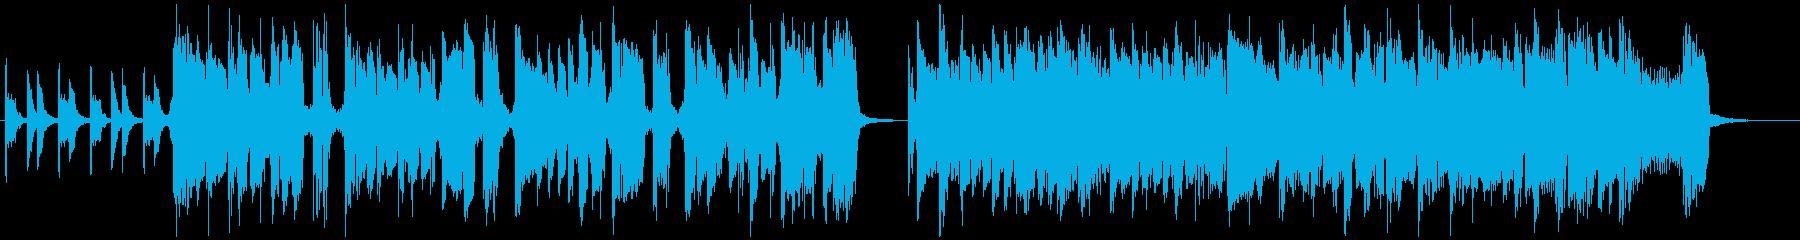 30秒 CMに!わくわく、おしゃれな曲。の再生済みの波形